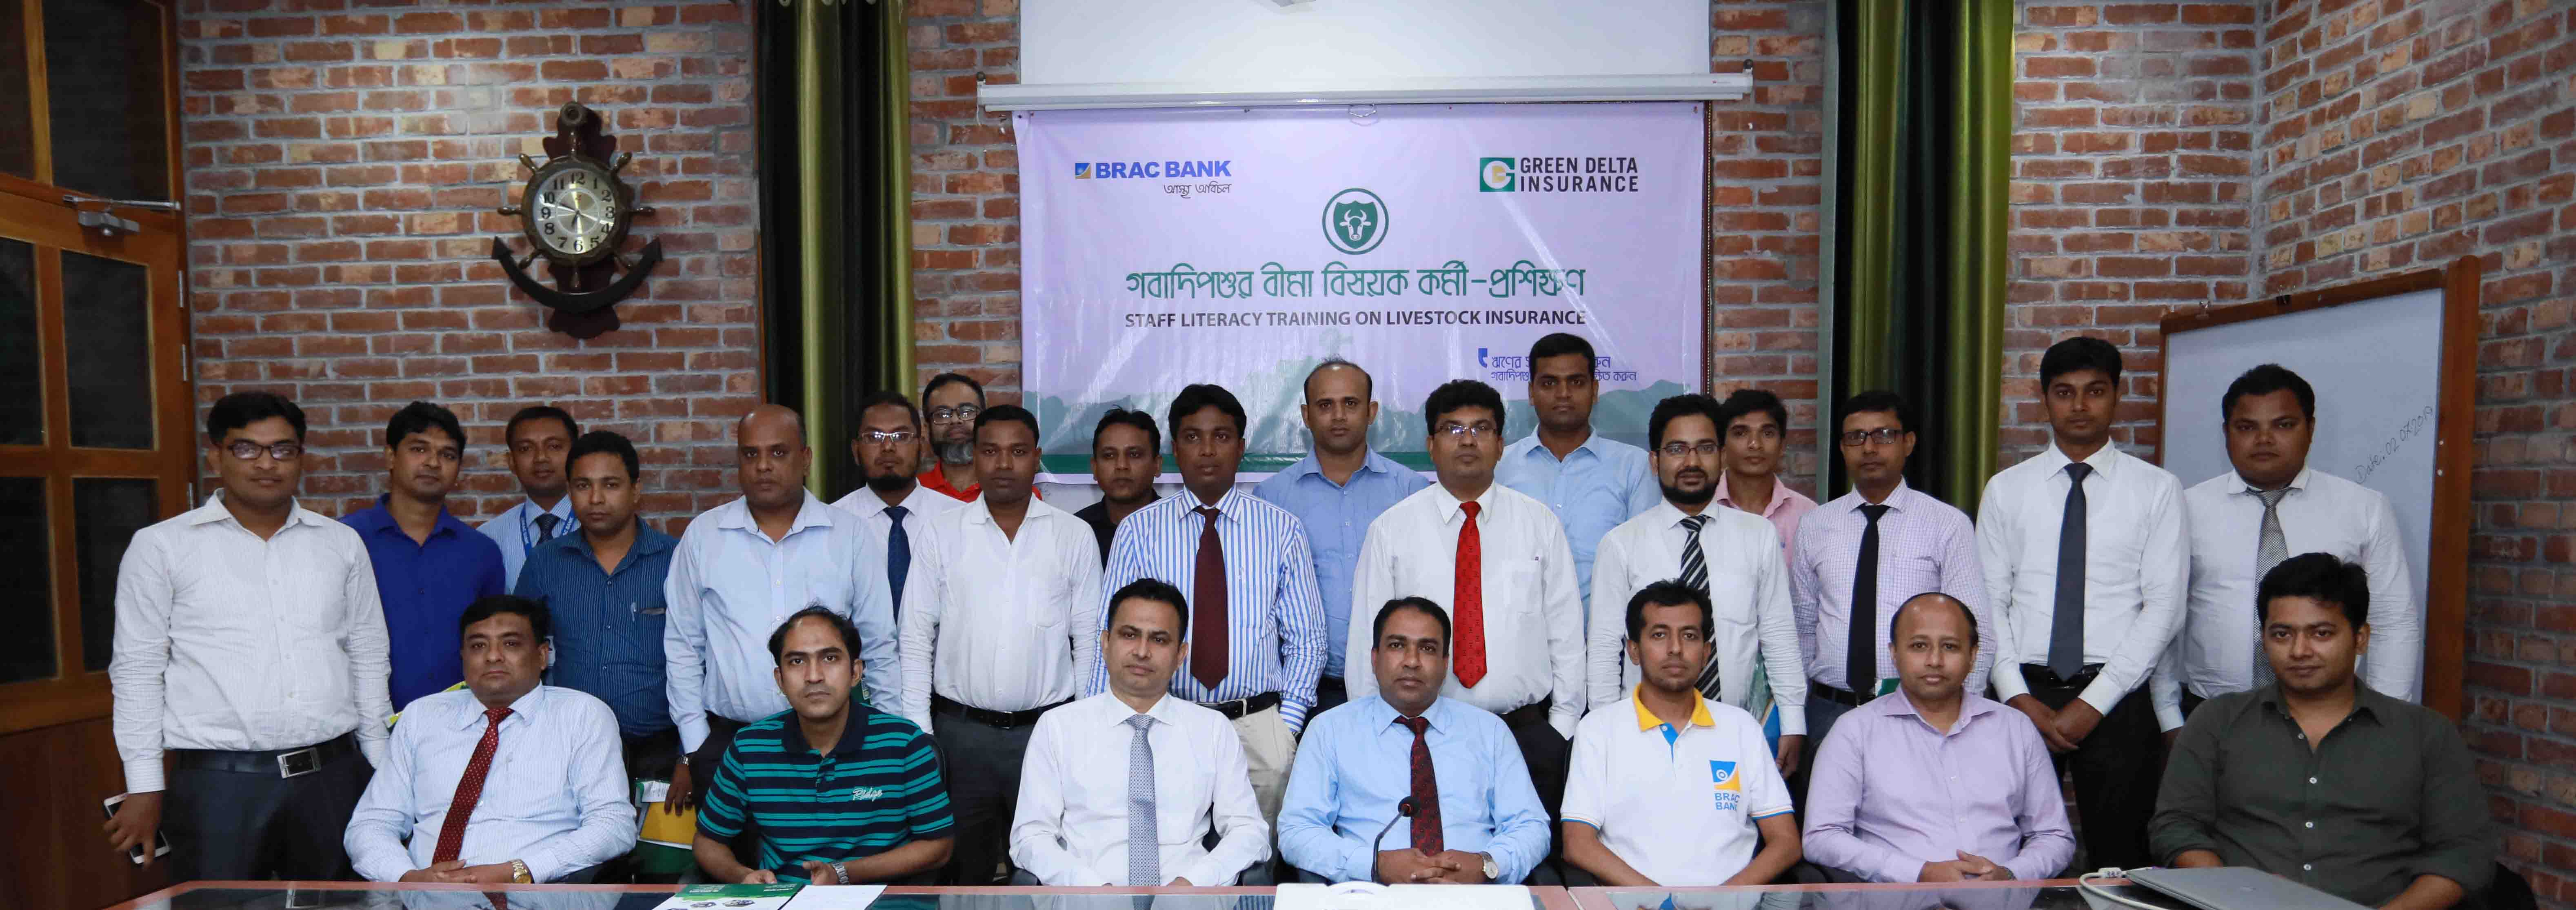 BRAC Bank, Green Delta partner for insurance awareness among Jashore livestock farmers